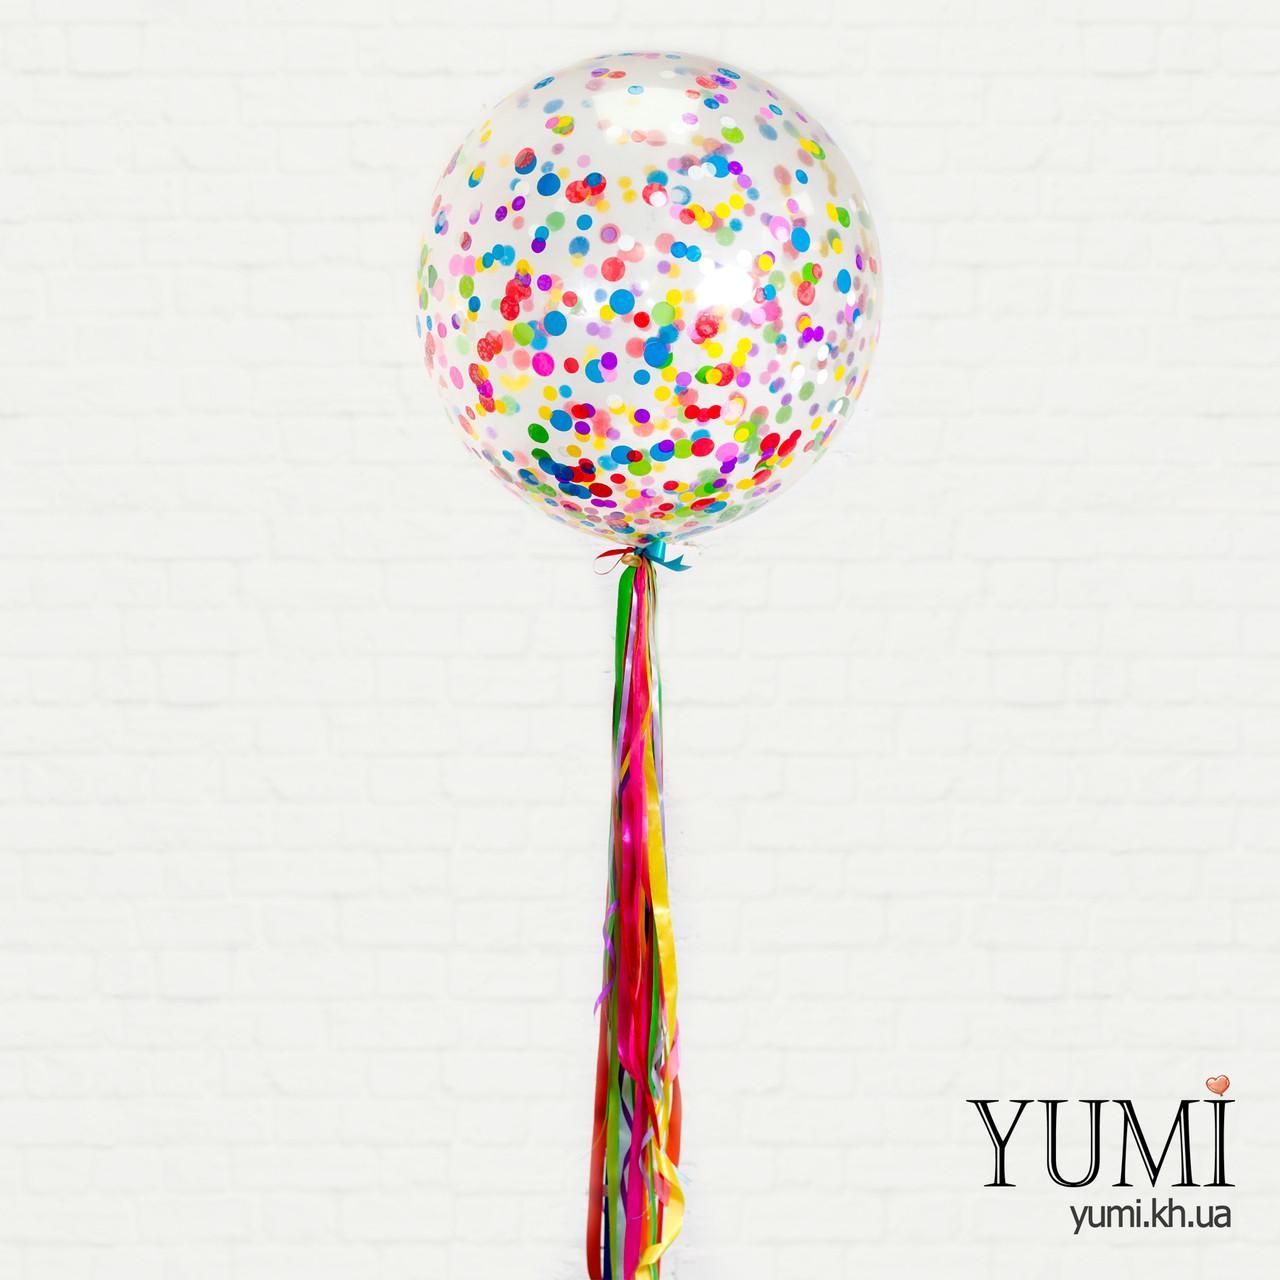 Прозрачный шар-гигант на праздник с разноцветным конфетти и разноцветными лентами